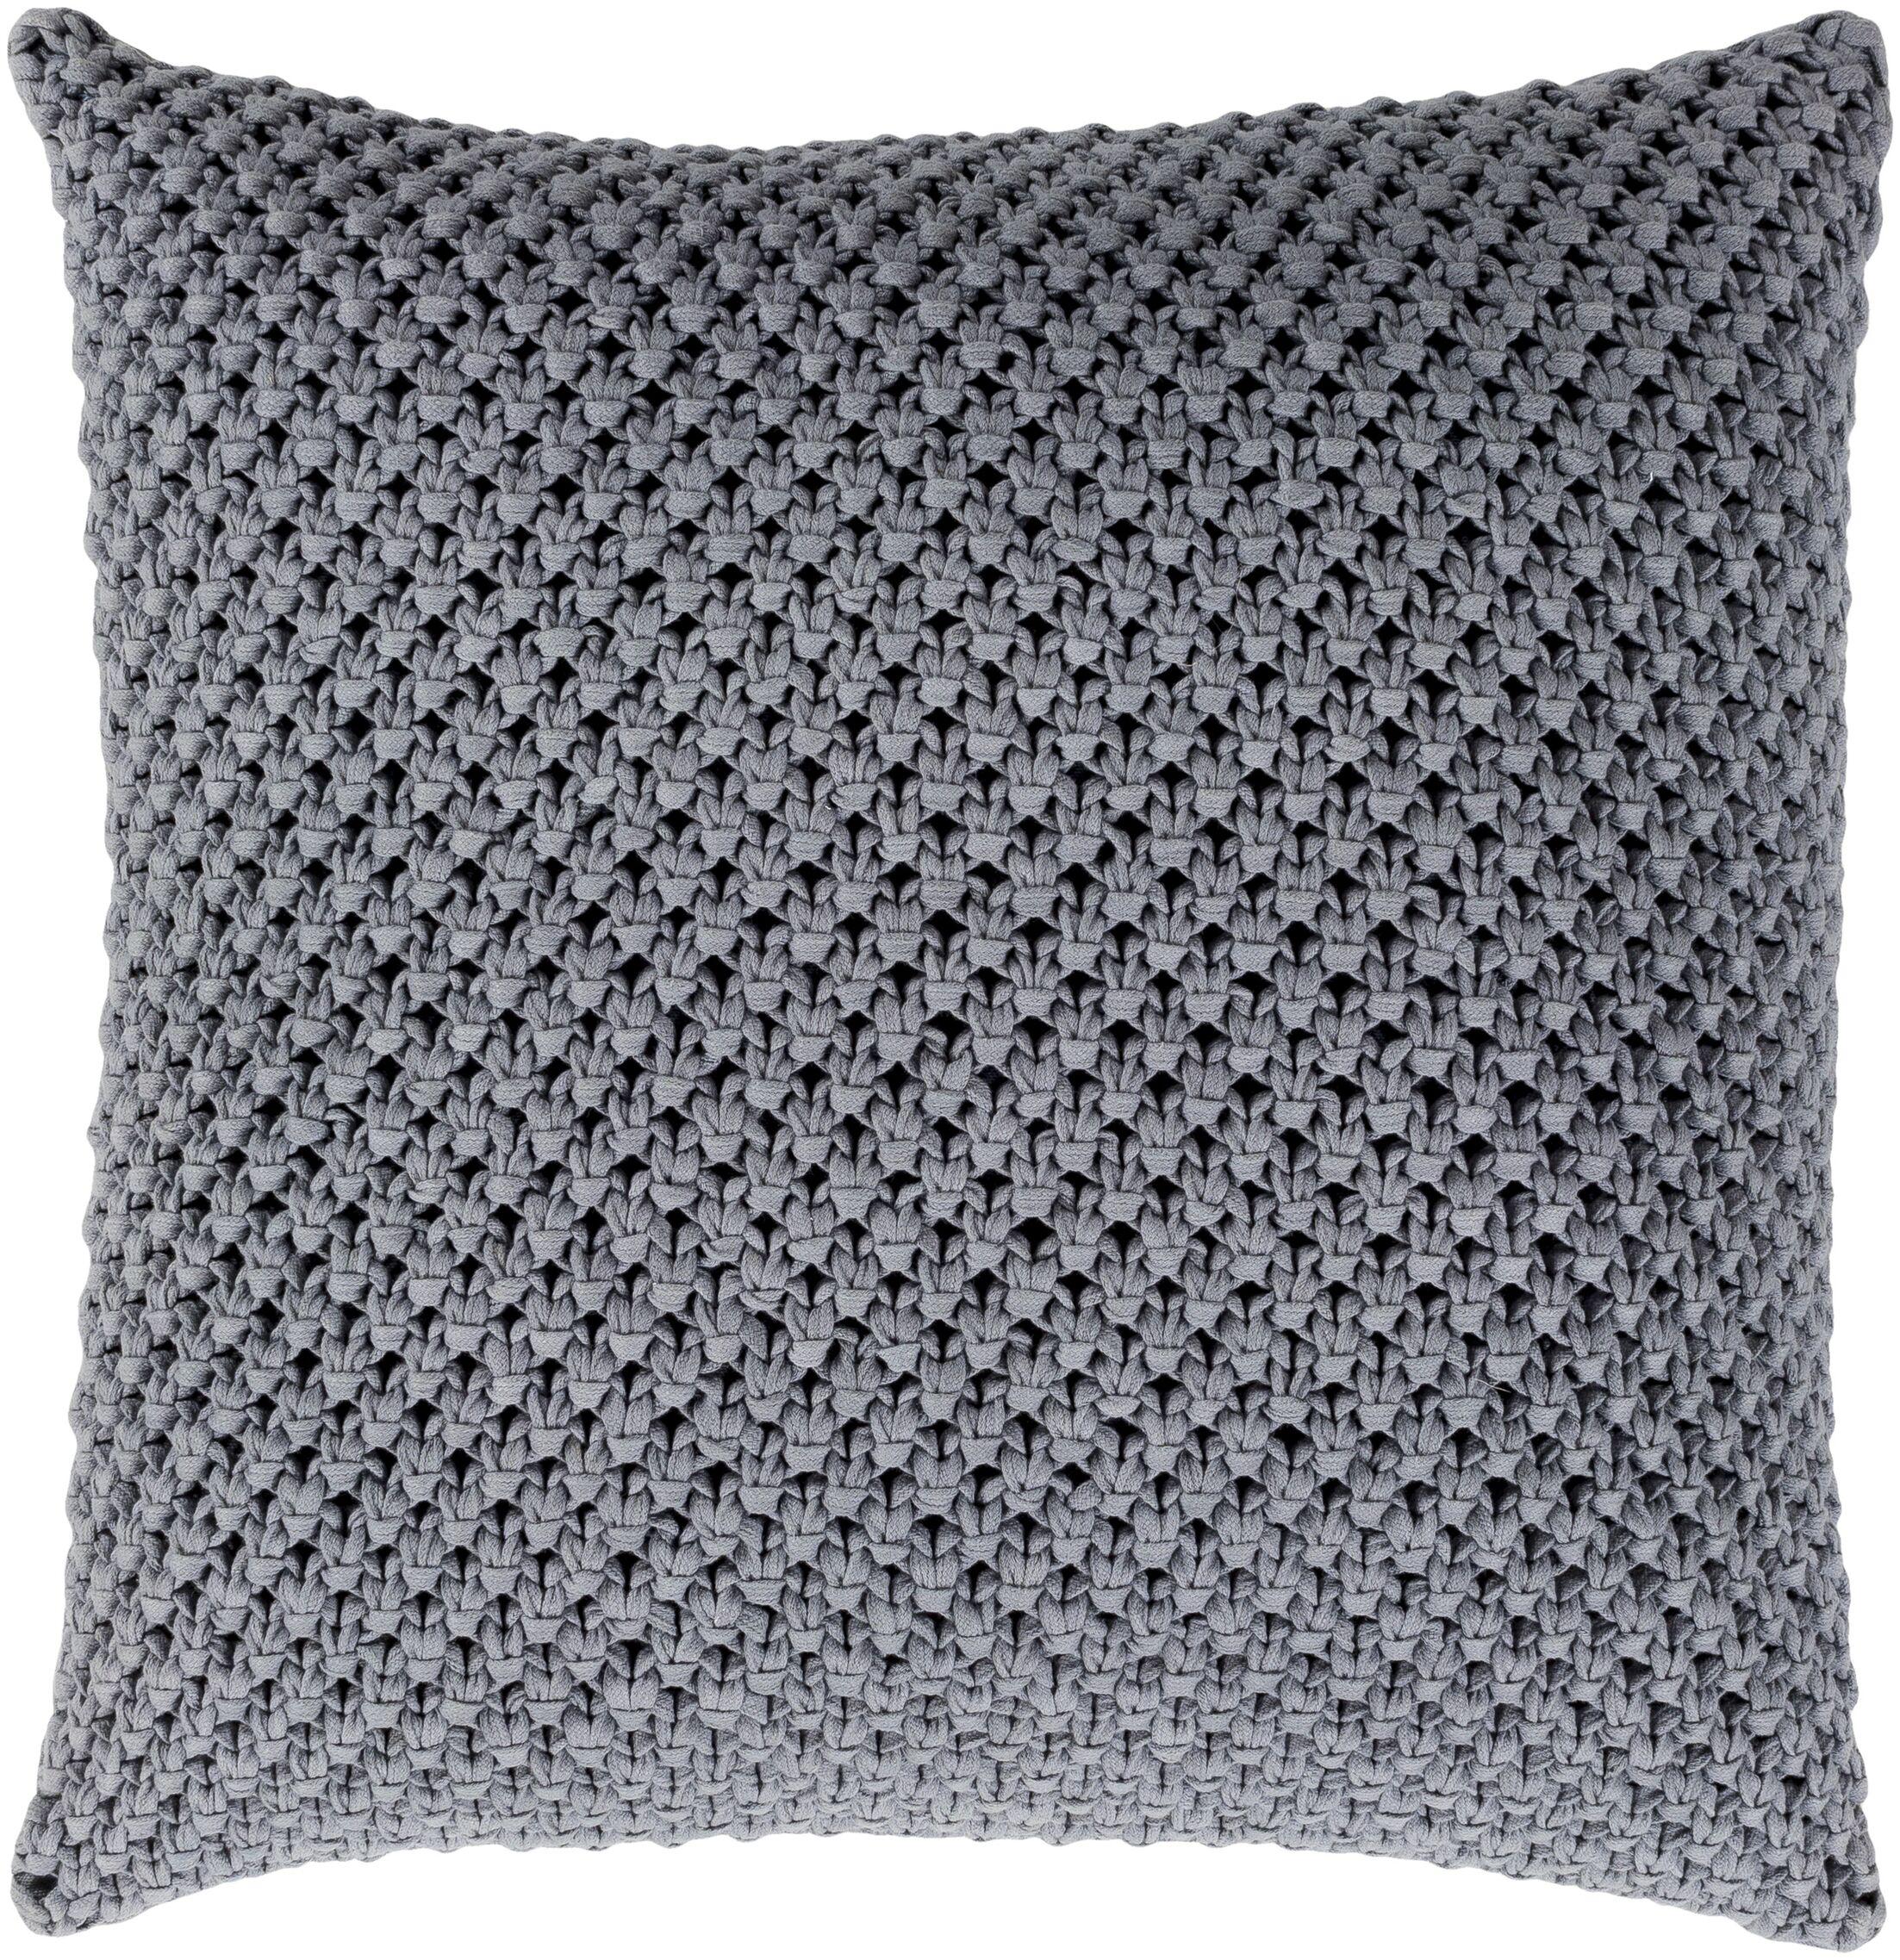 Godavari Natural Fiber Pillow Cover Size: 22